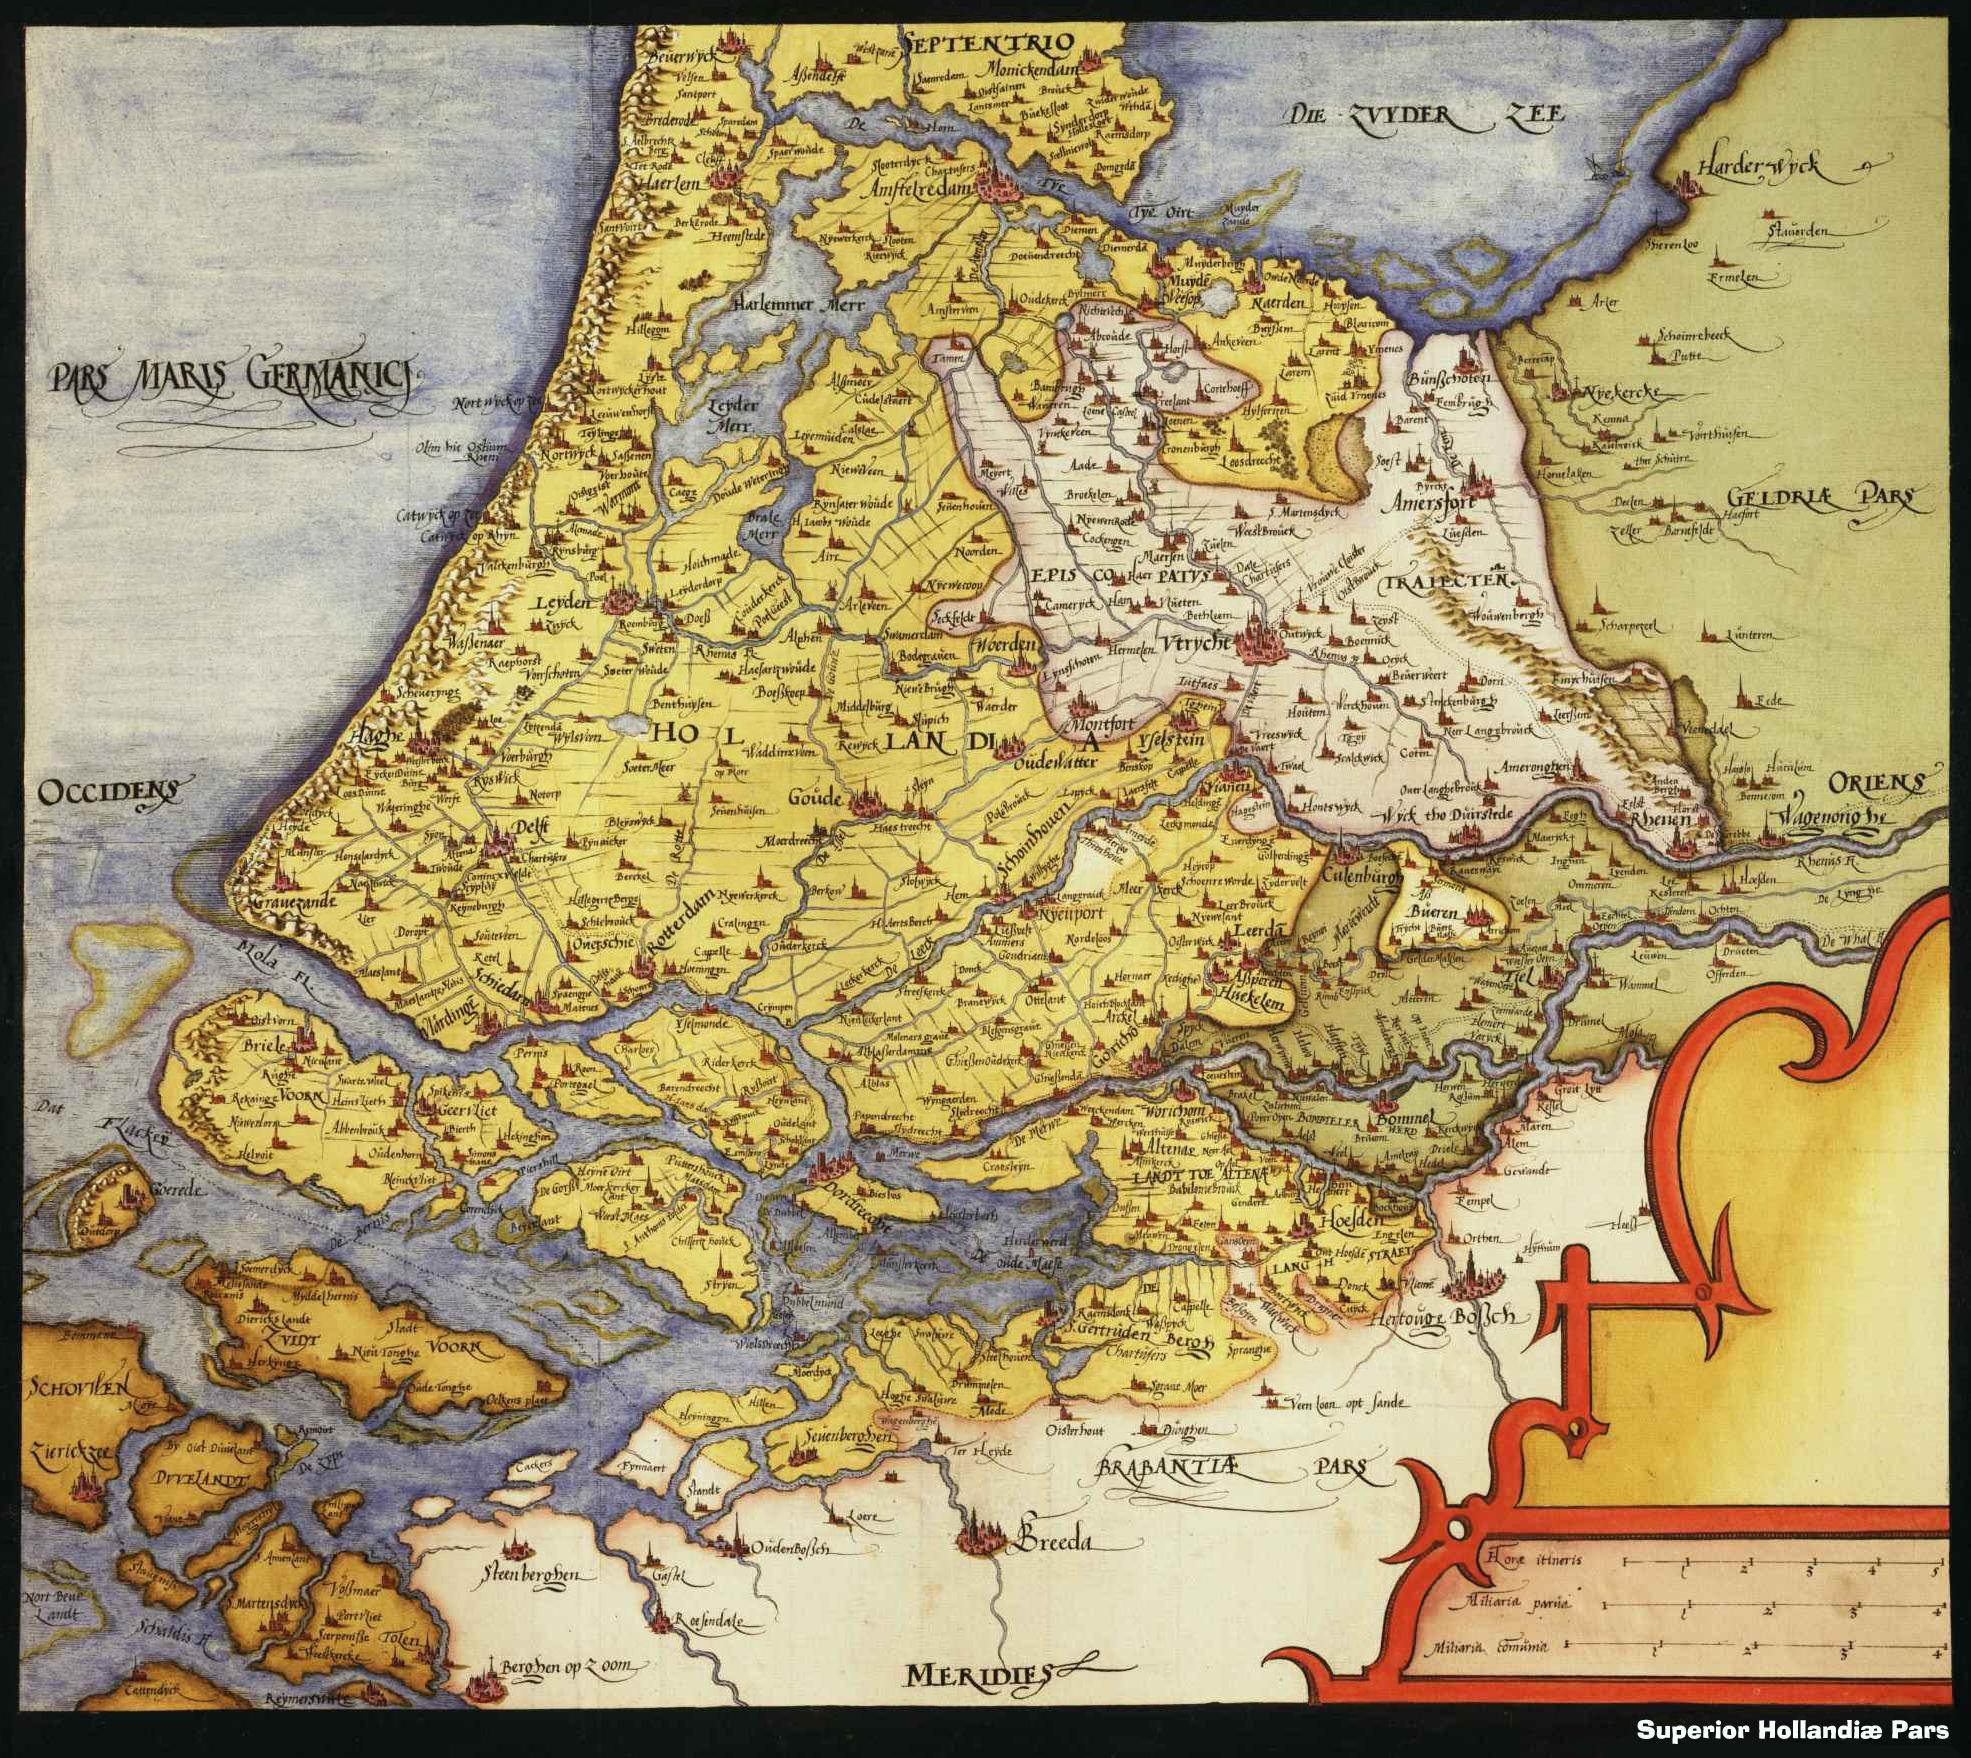 GIS over GISteren: Het gebruik van GIS in het benaderen van historische vraagstukken